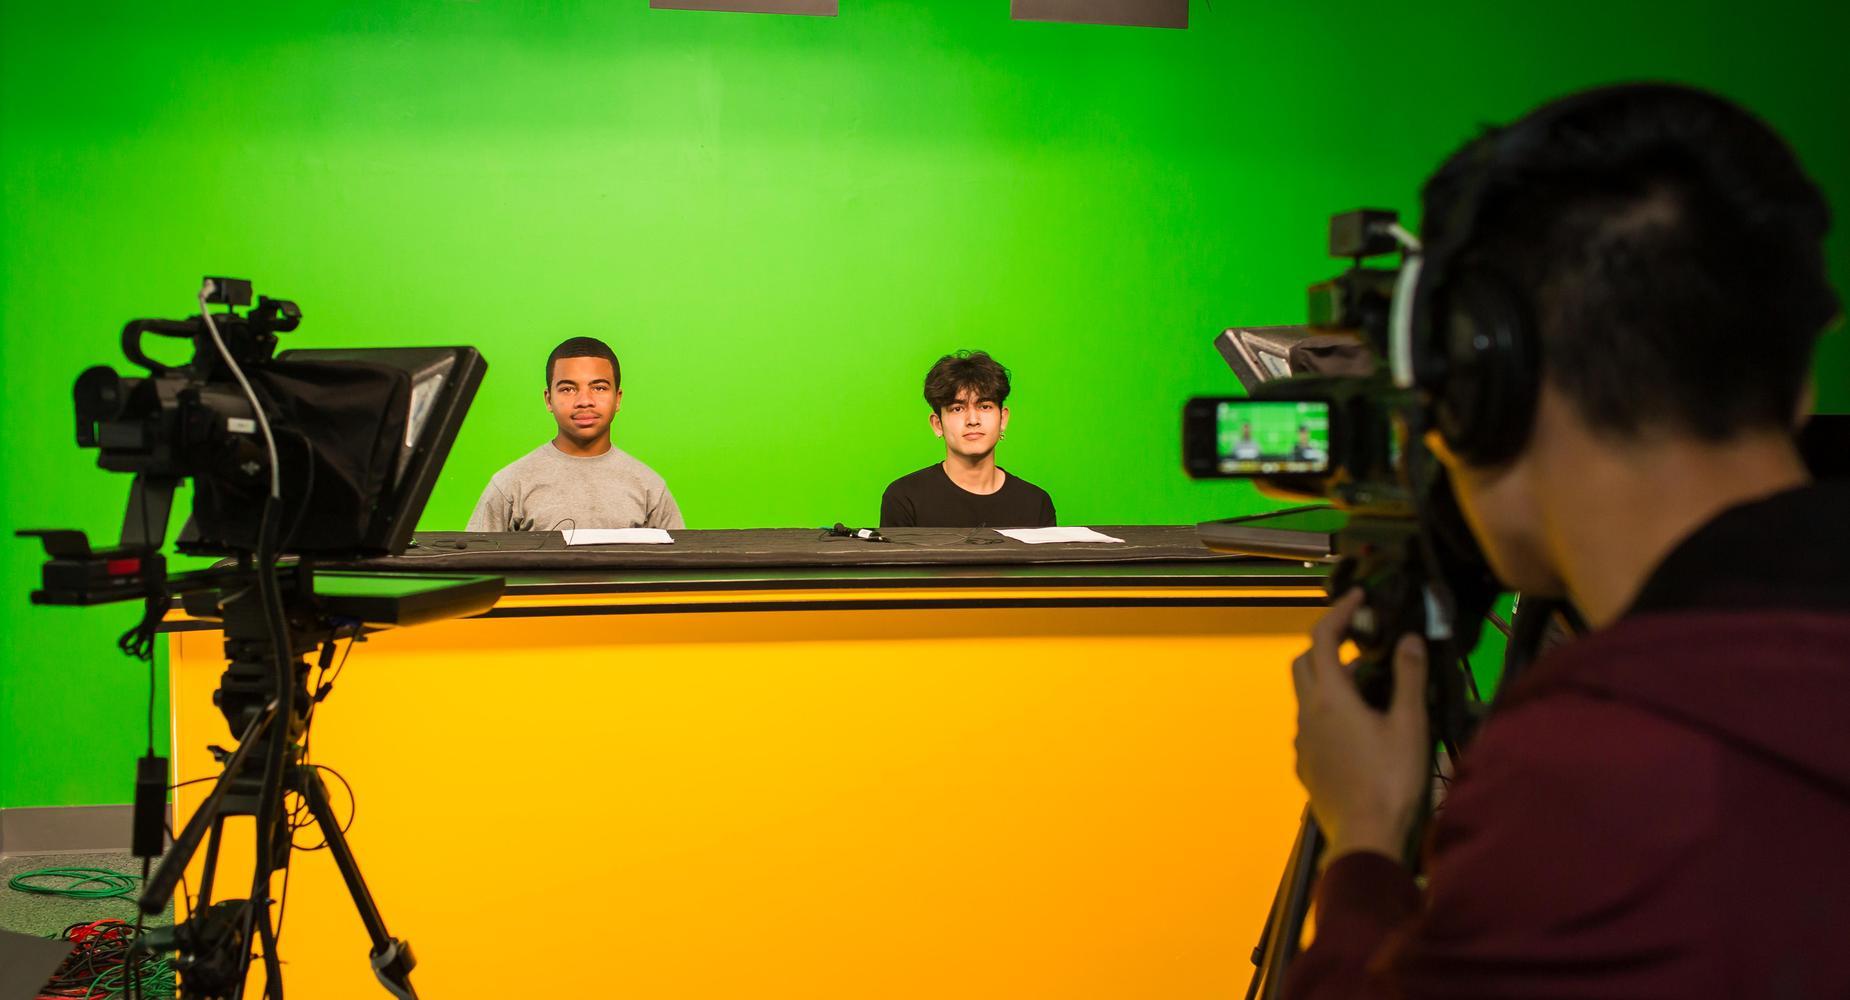 Live CHTV broadcast